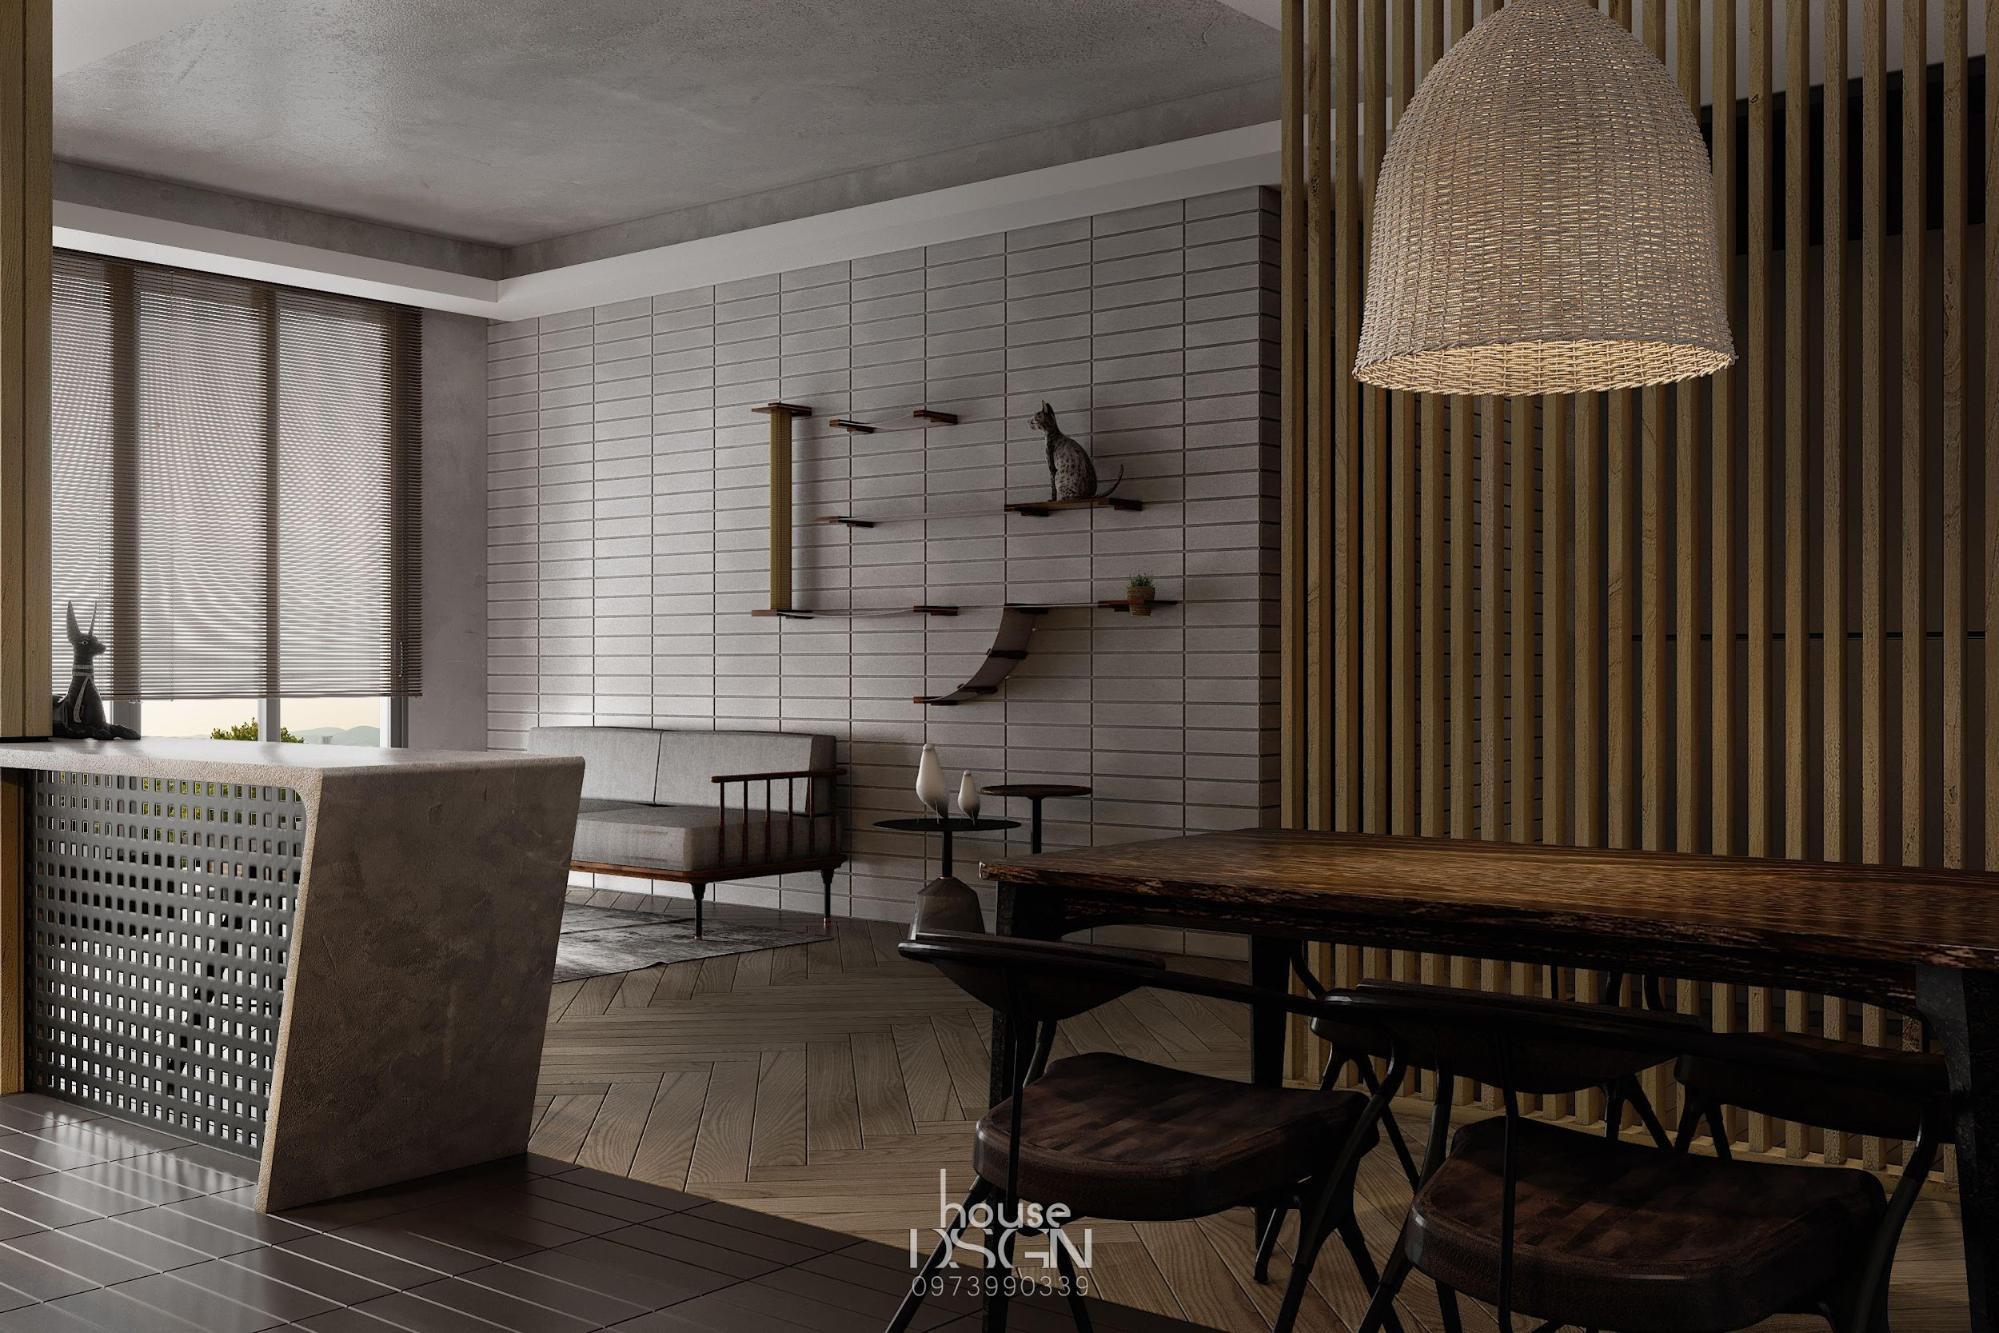 phòng ăn có phong cách nội thất tối giản